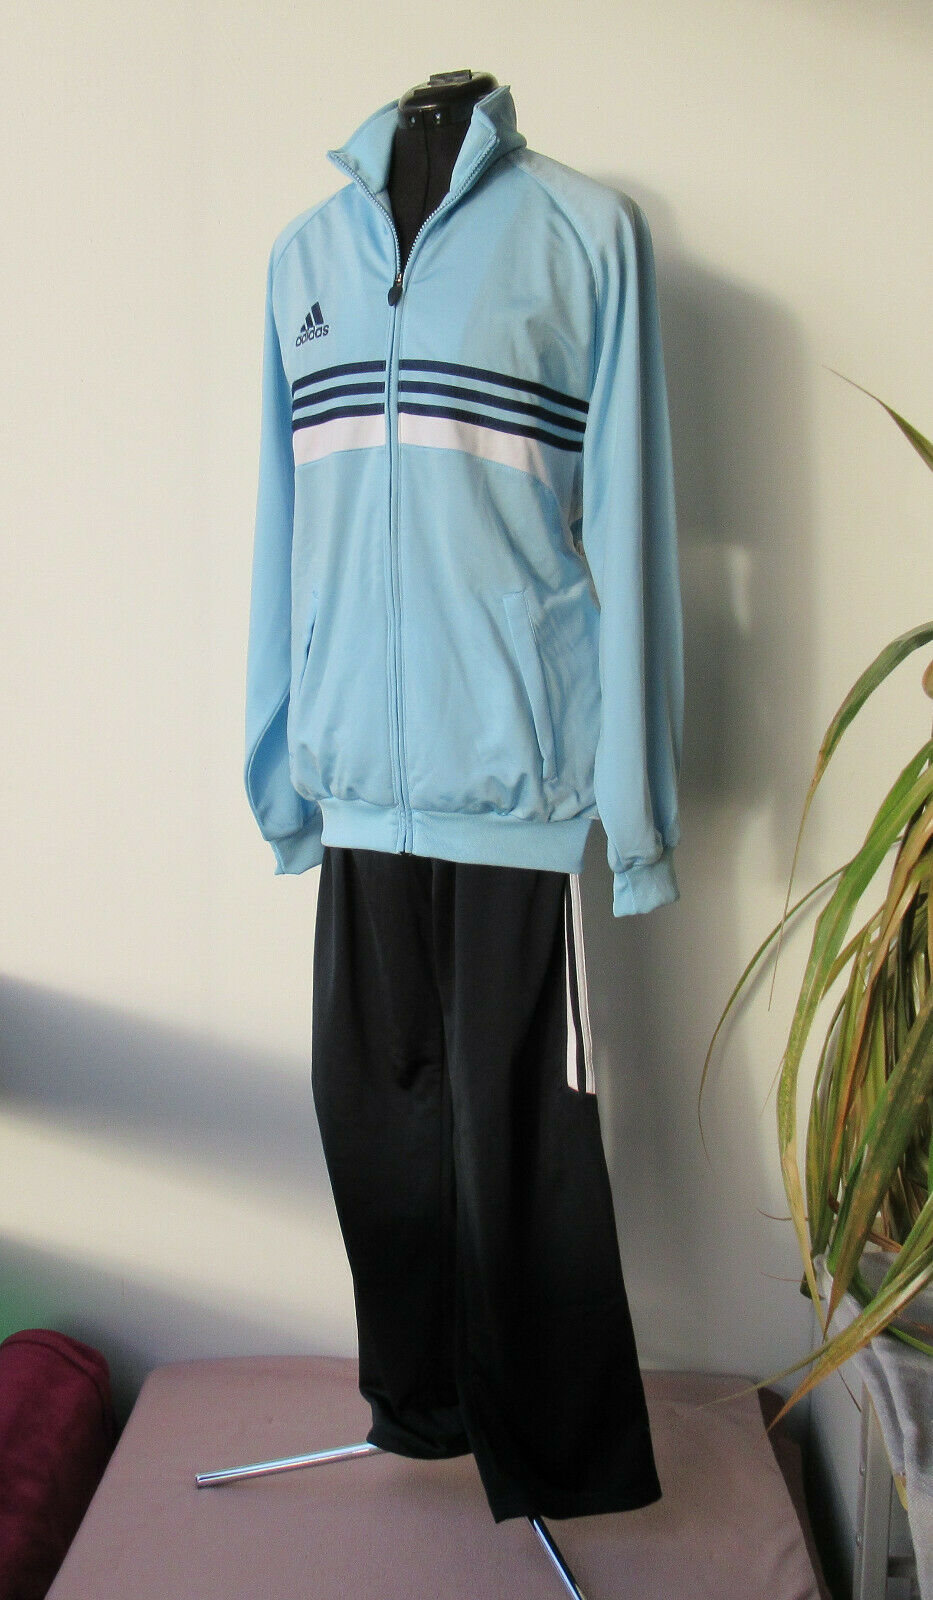 NEU adidas Trainingsanzug Trainingsanzug Trainingsanzug Gr. 48   50 Herren Jogging Sport Fitness Freizeit Lauf 3178ef